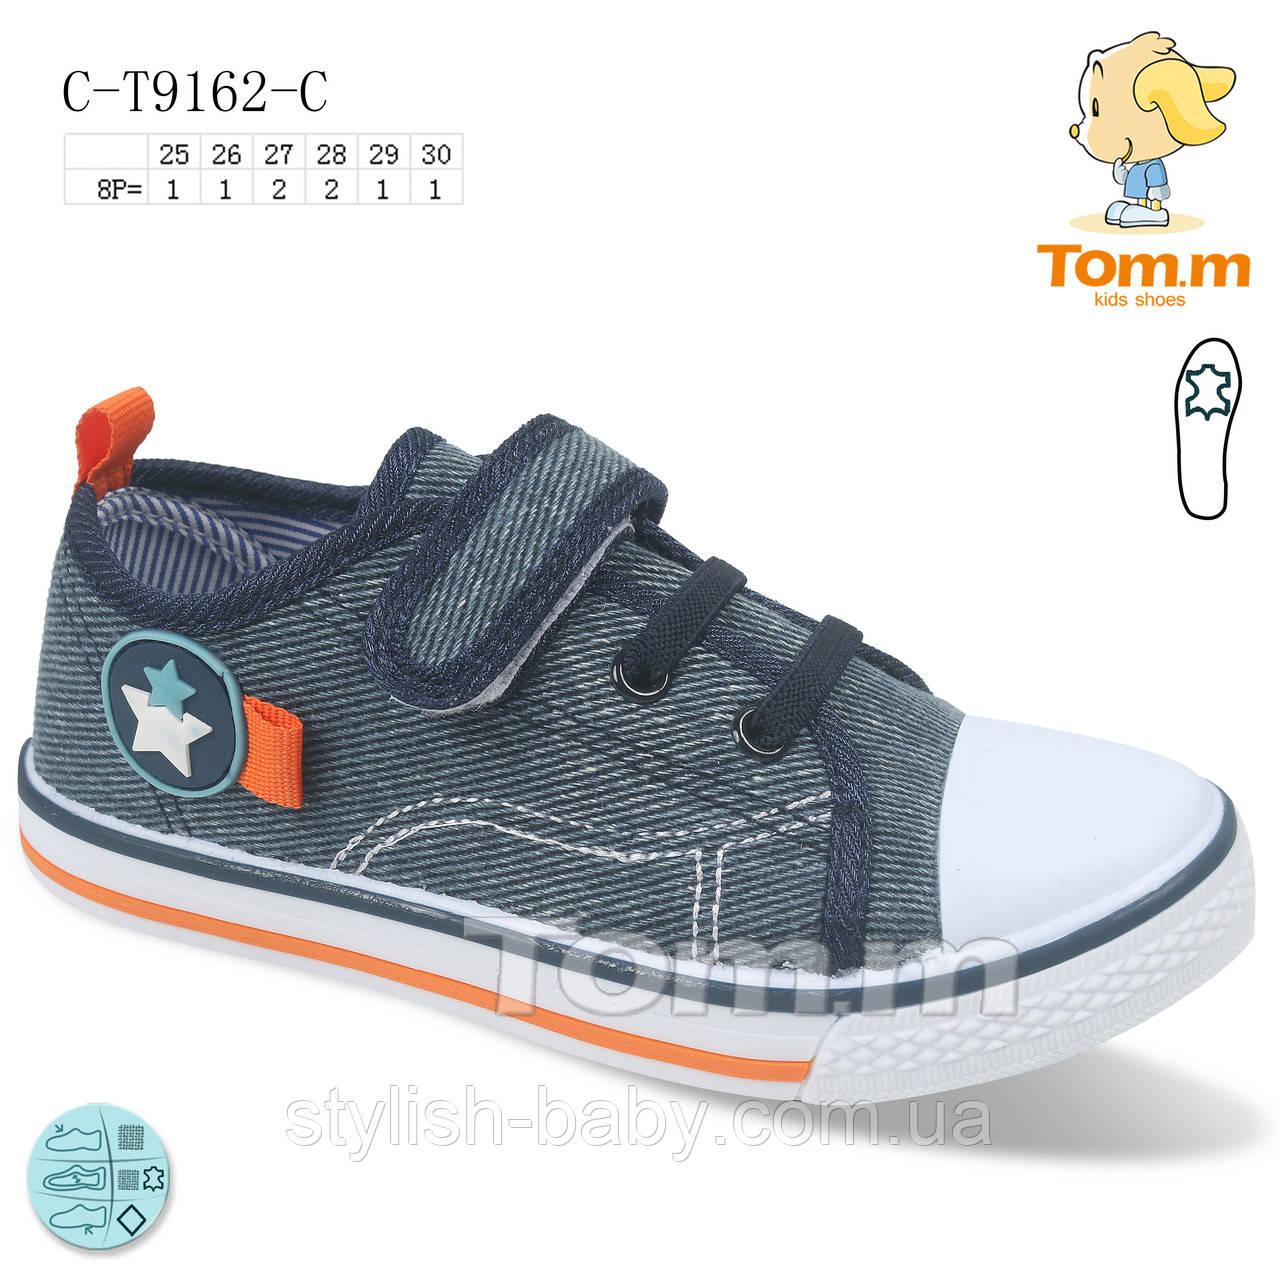 Детская обувь оптом. Детские кеды 2021 бренда Tom.m для мальчиков (рр. с 25 по 30)